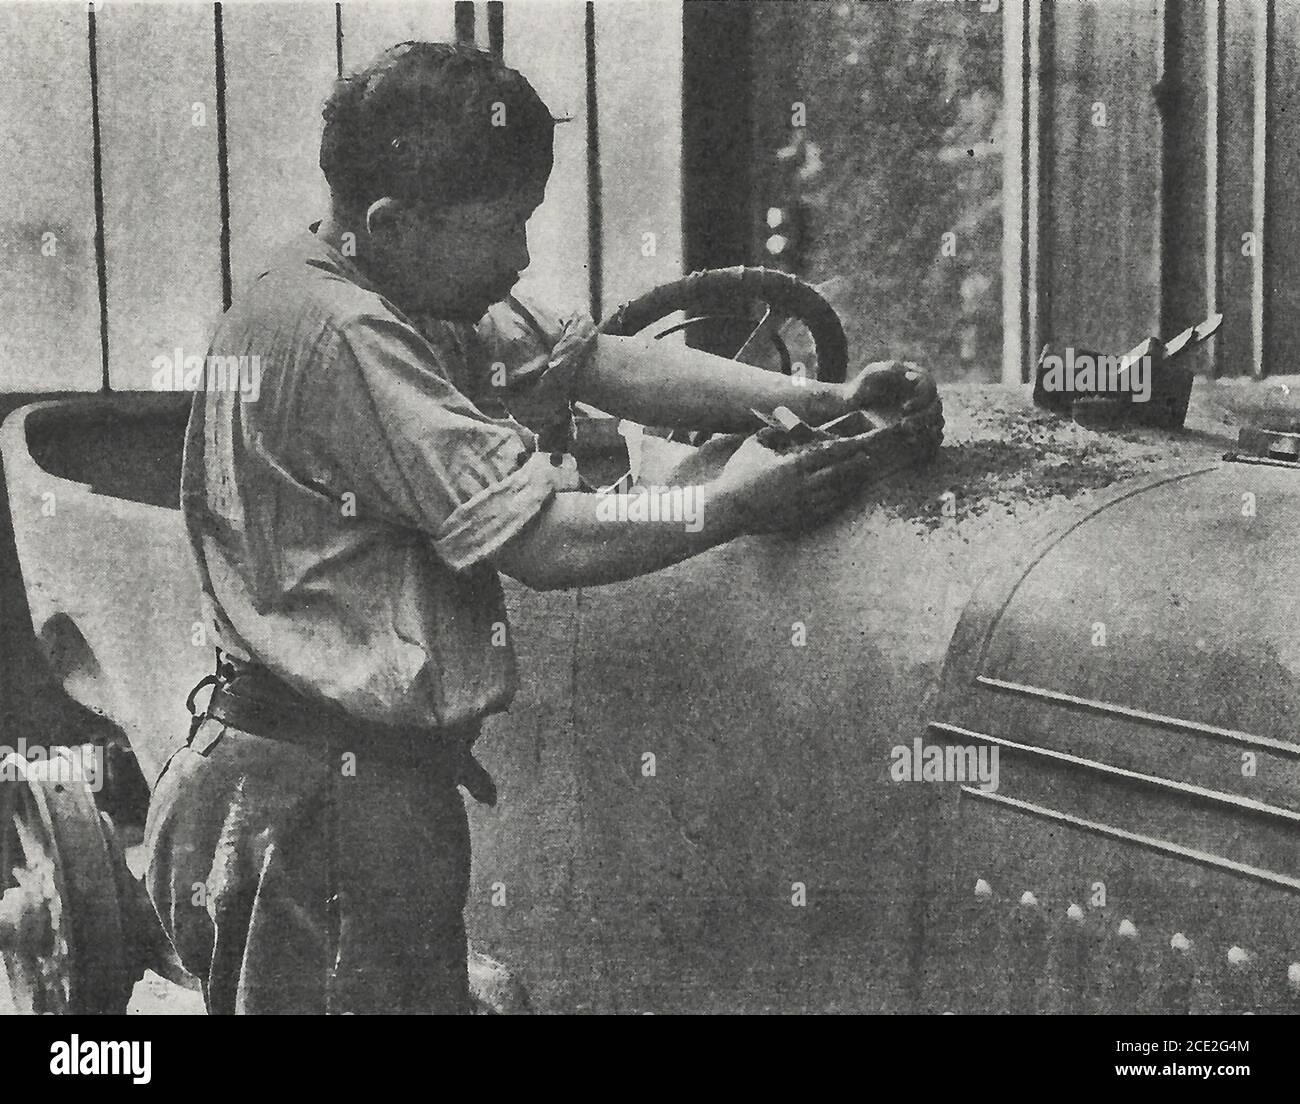 Lissage de la carrosserie d'une voiture avec un plan avant application de peinture et de polissage - Fabrication d'une automobile, 1914 Banque D'Images